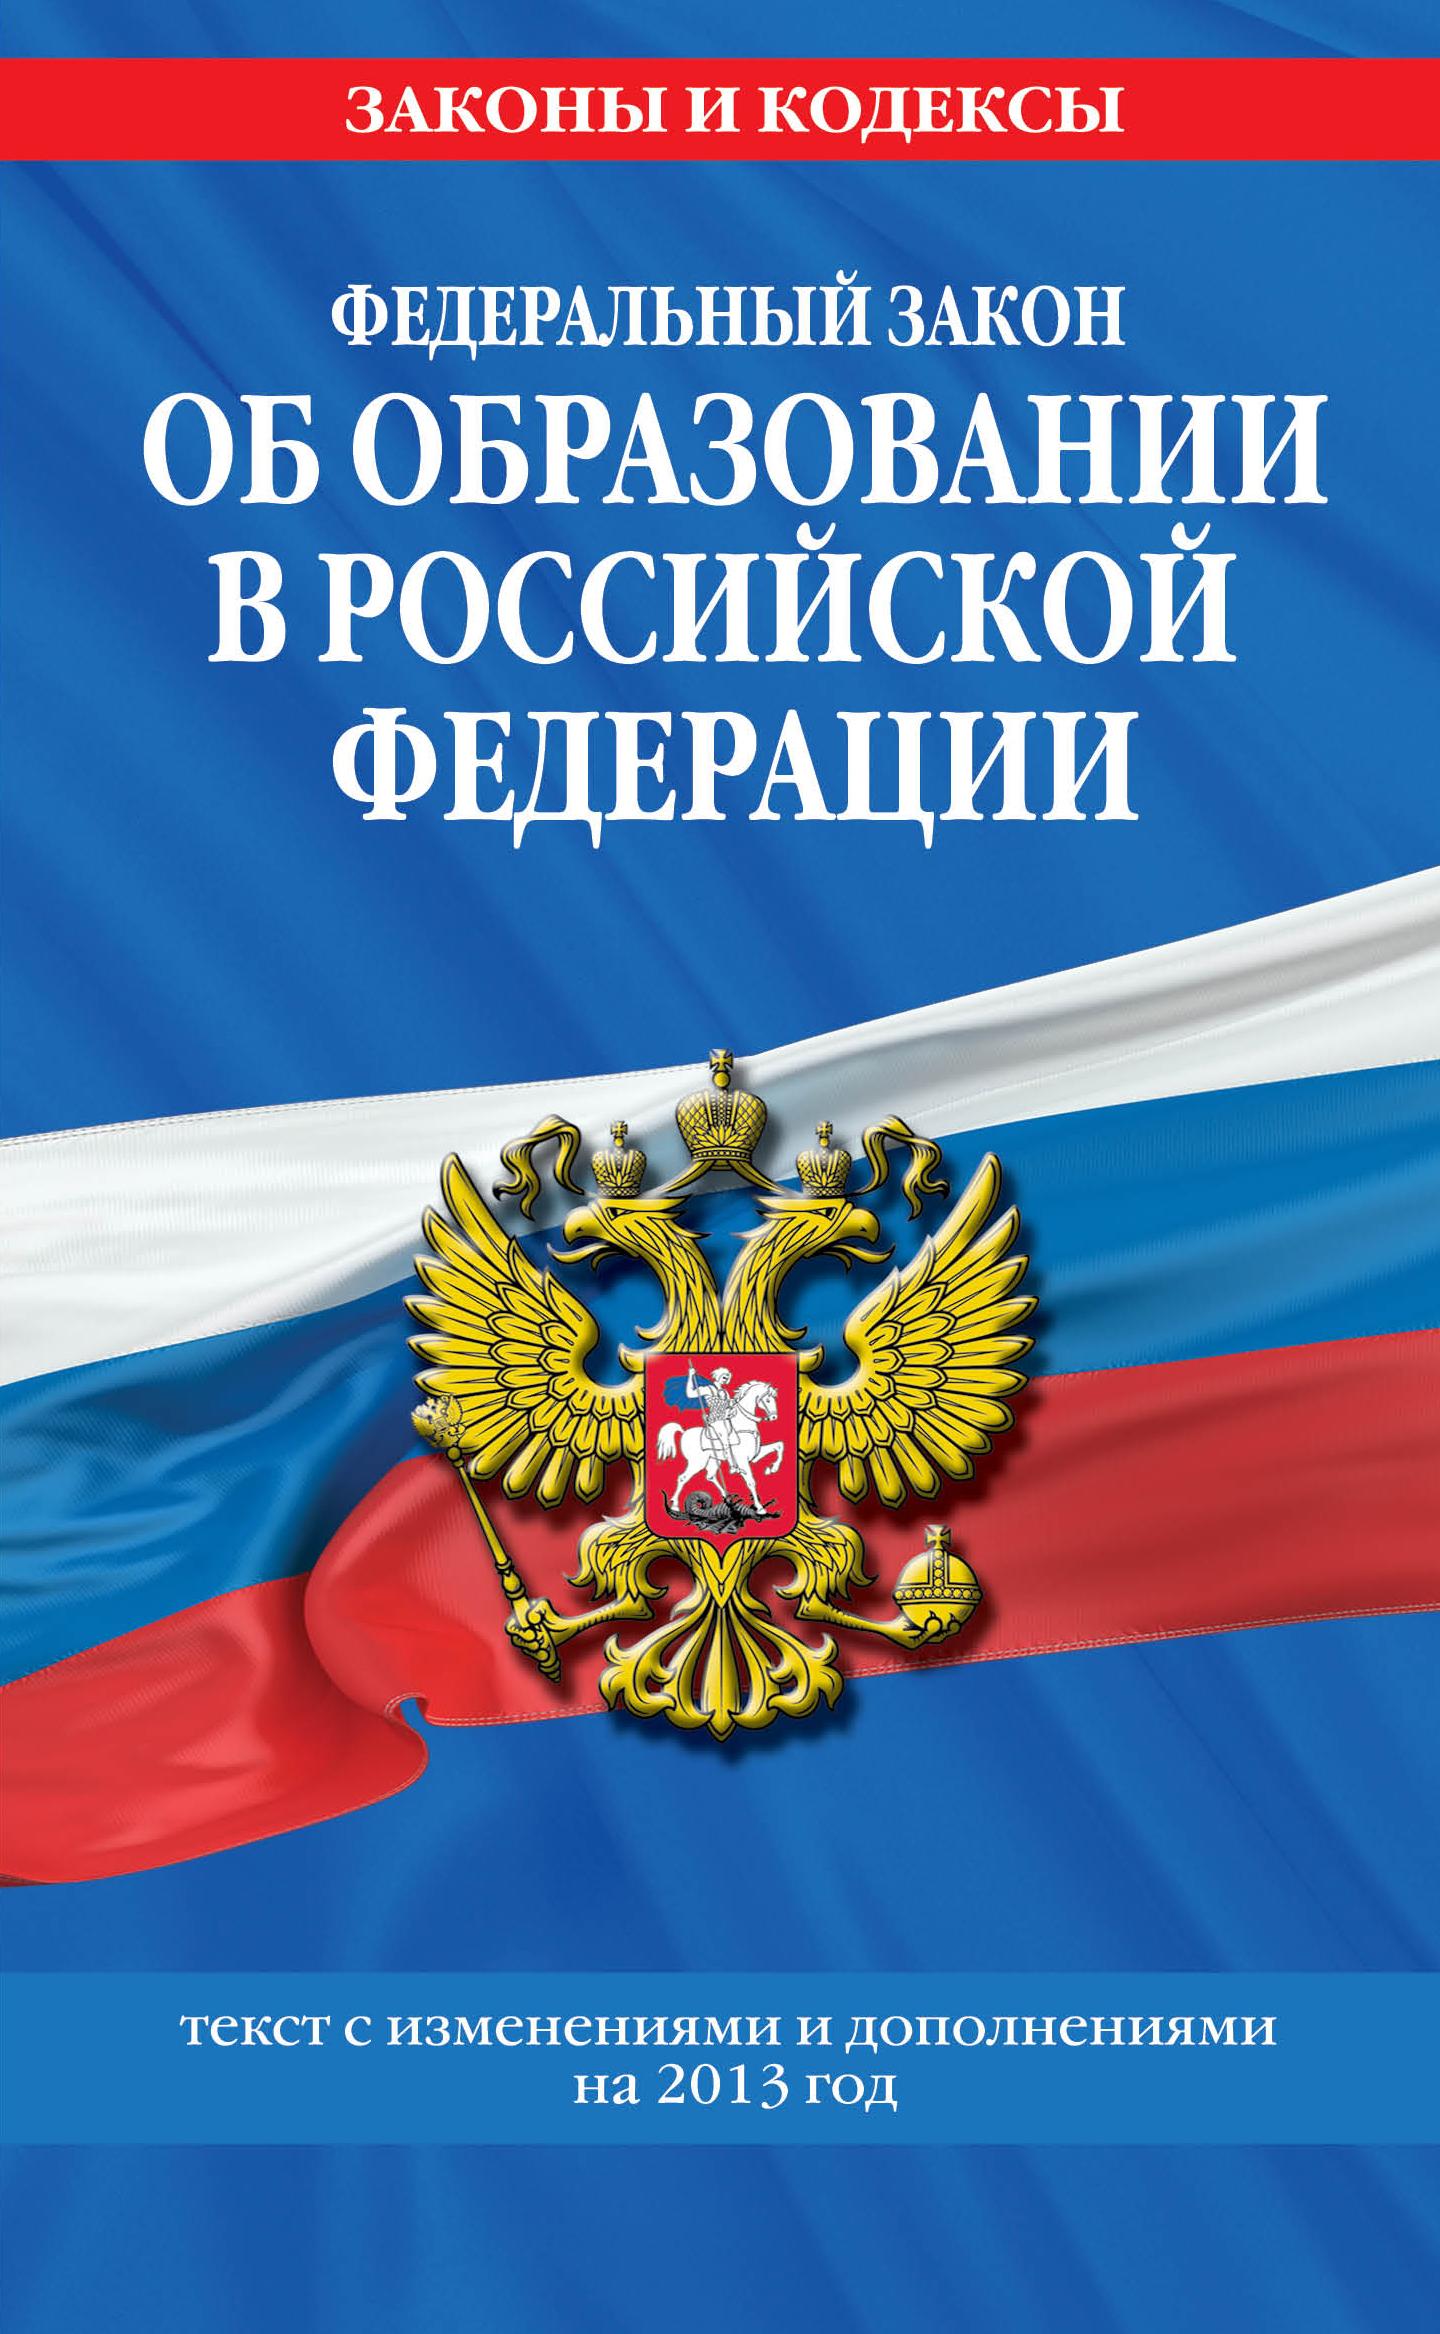 Федеральный закон Об образовании в Российской Федерации от